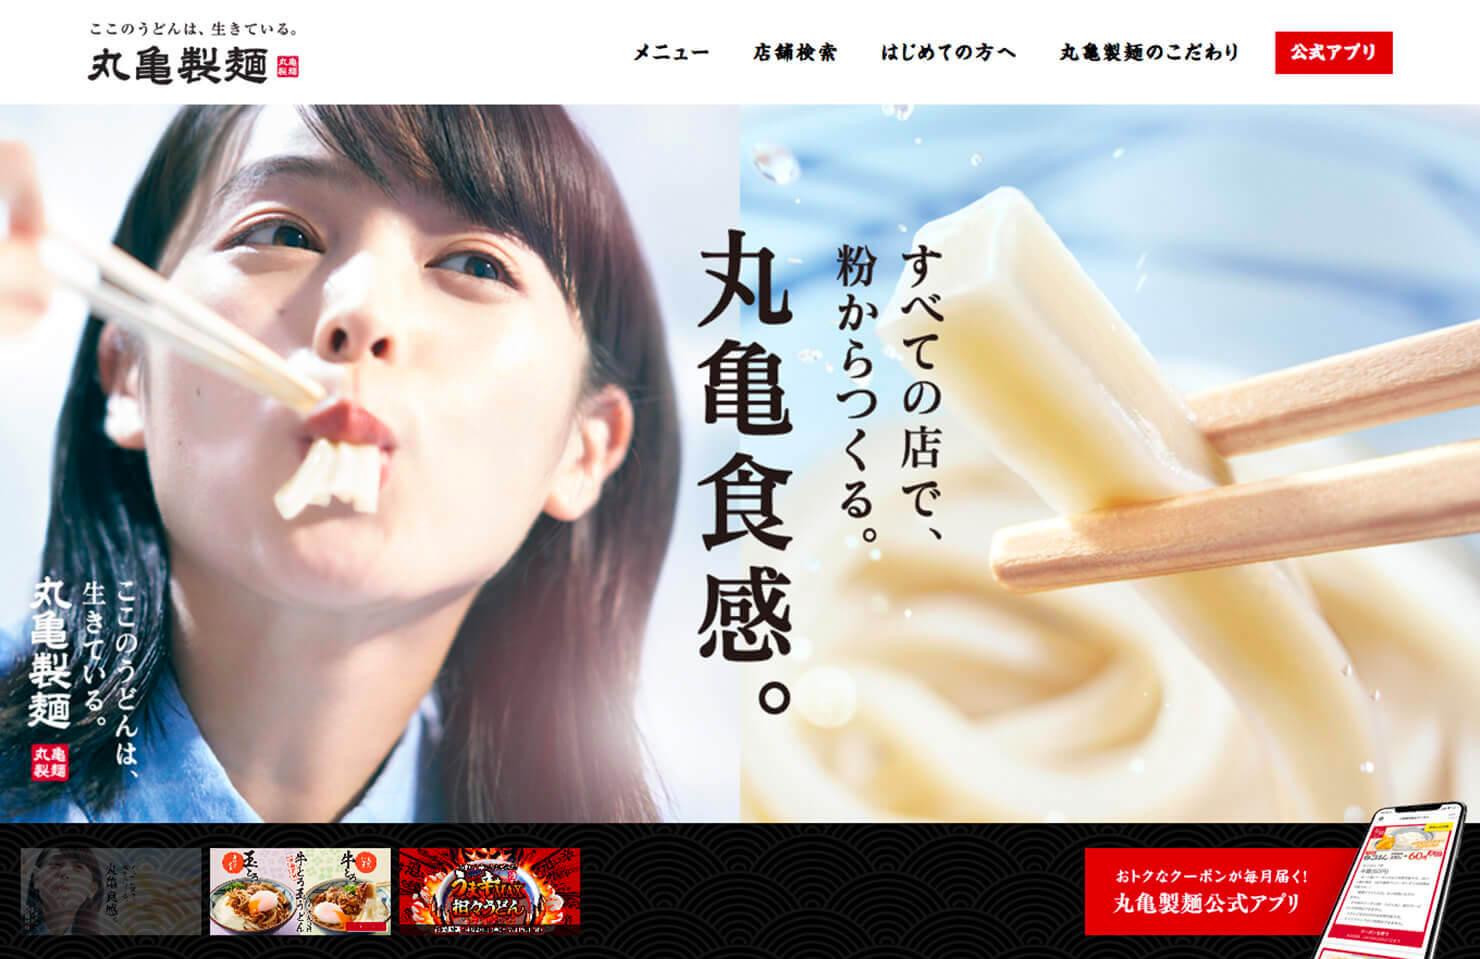 「丸亀製麺 公式サイト」リニューアルにおけるクリエイティブディレクションおよびデザイン開発。